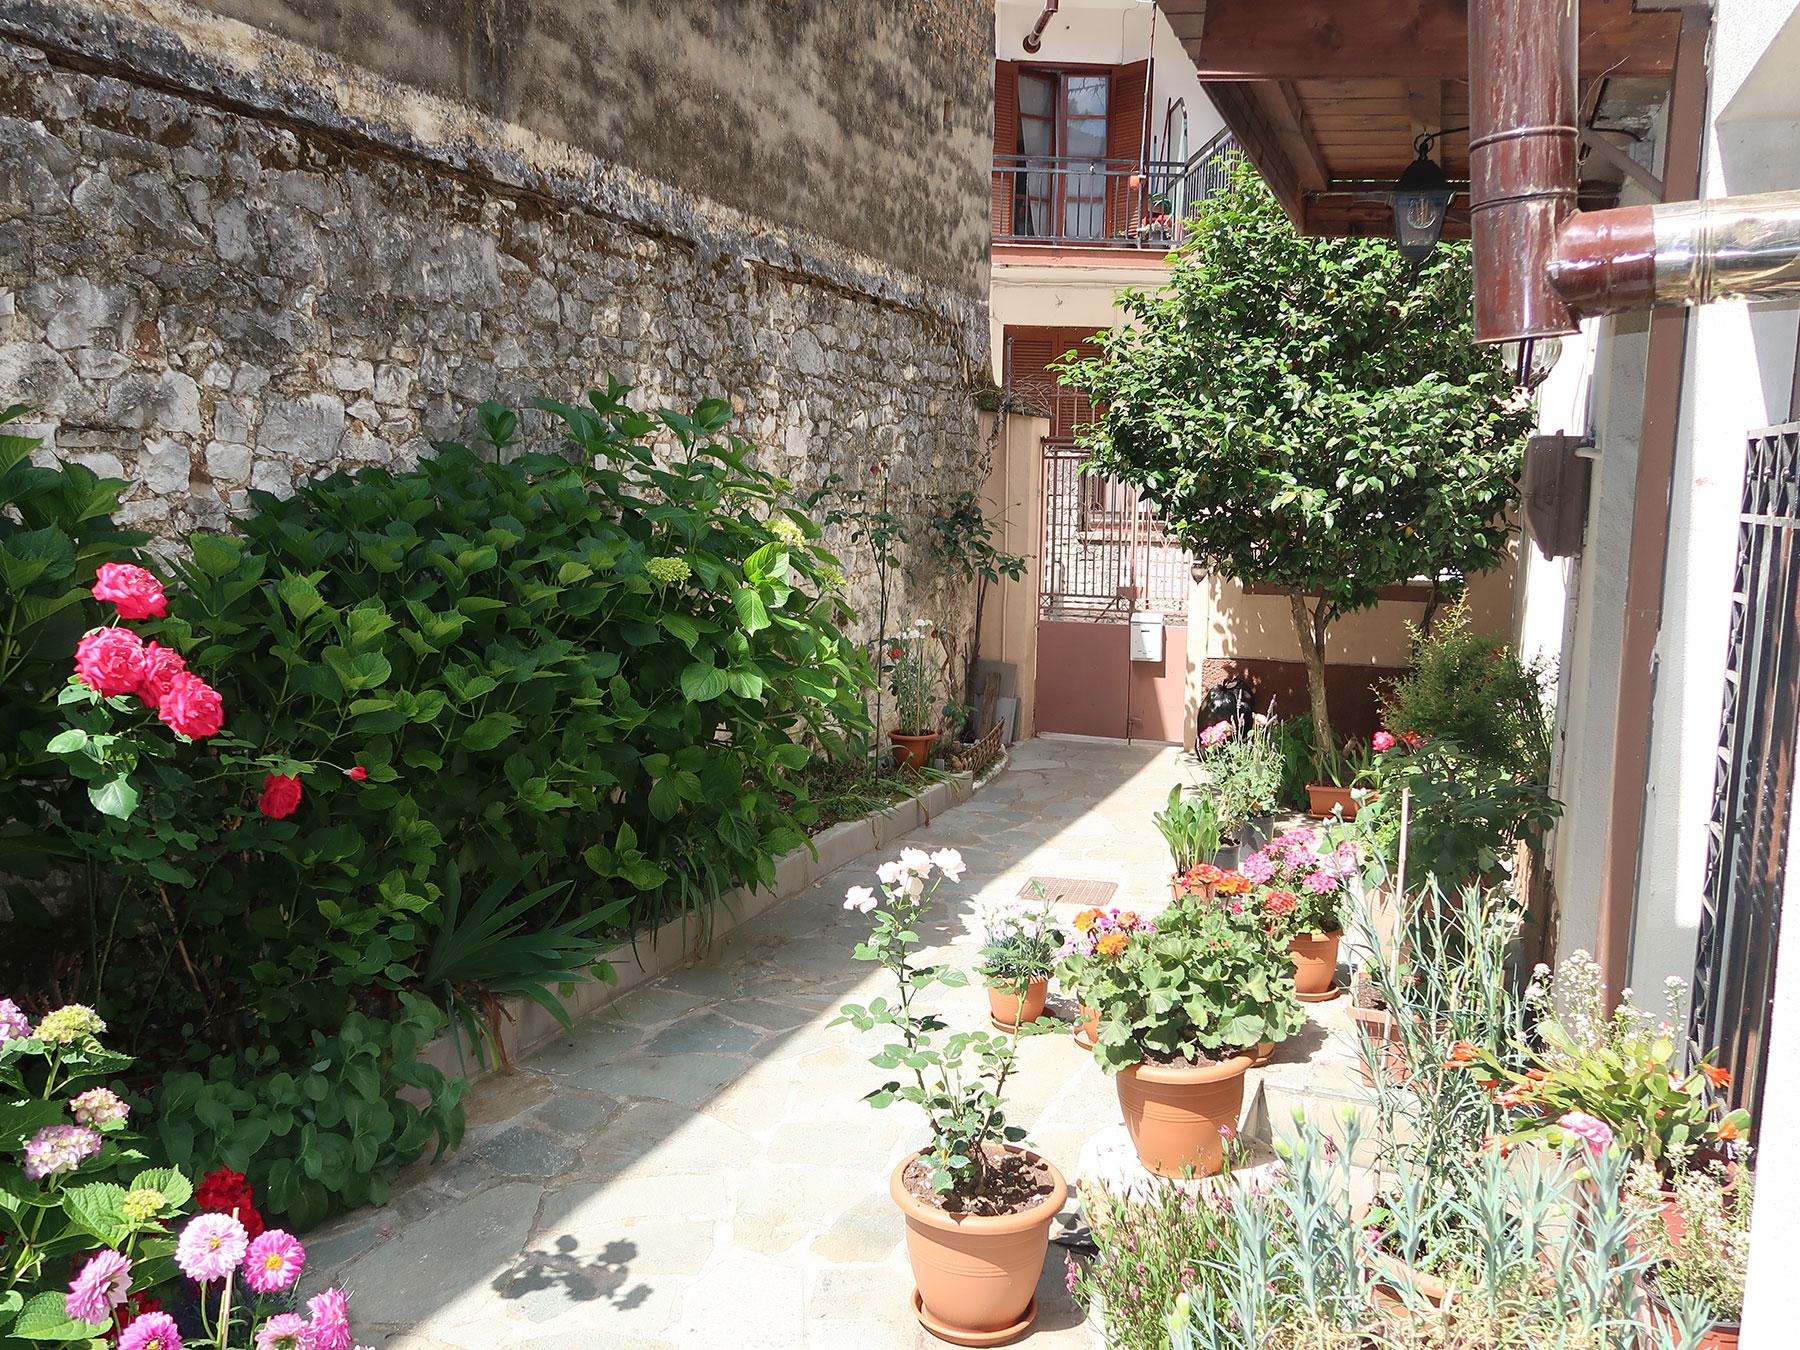 Πωλείται μεζονέτα 100 τμ. 2 επιπέδων με όμορφη αυλή στο Κάστρο Ιωαννίνων